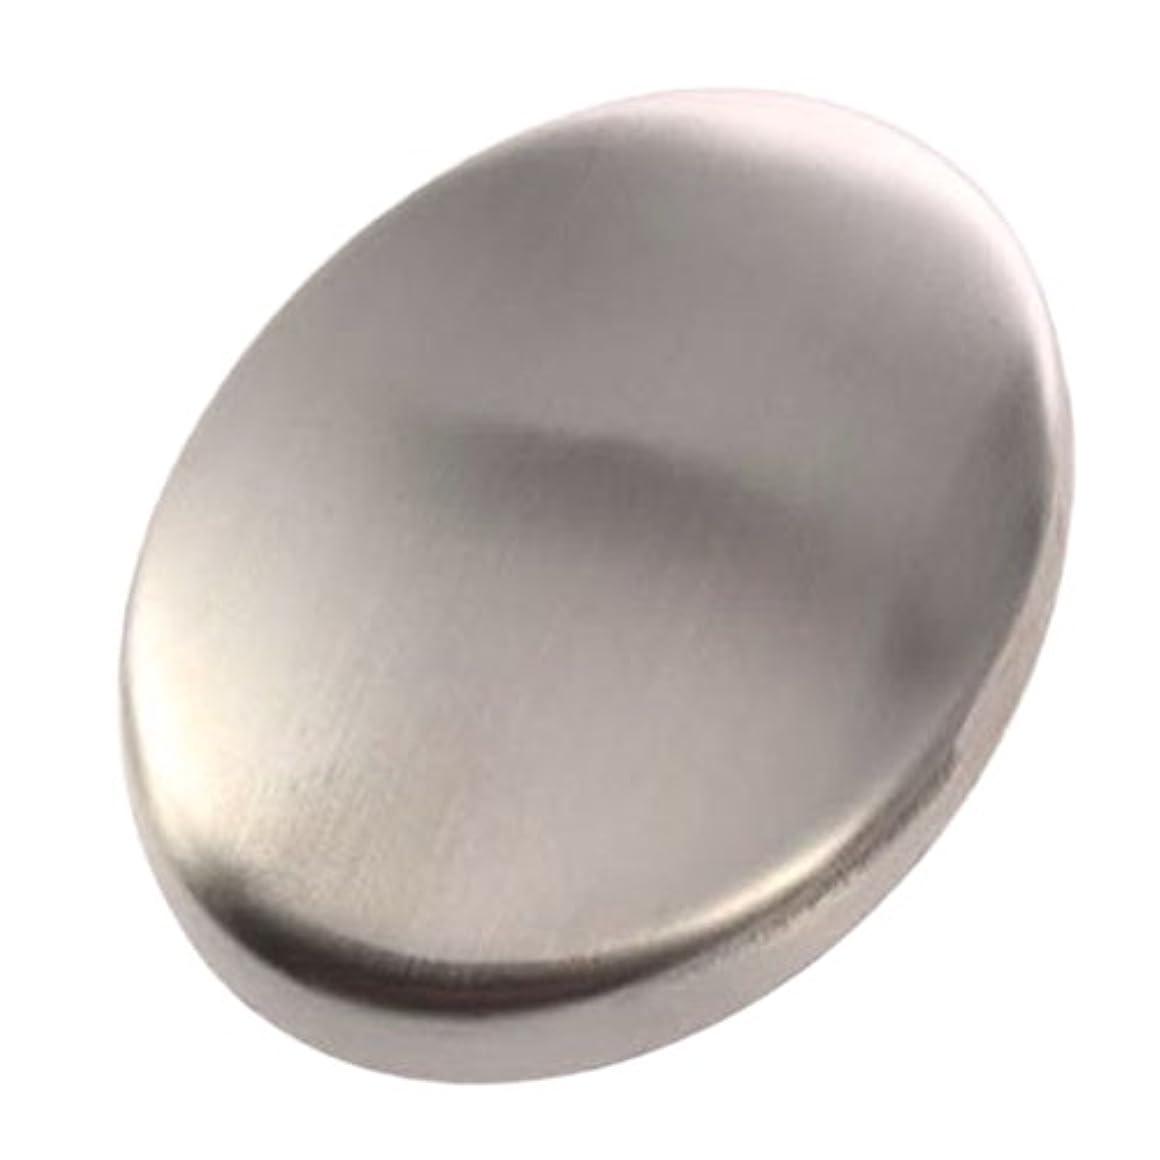 話をする講義本部Zafina ステンレスソープ 円形 においとりソープ 臭い取り ステンレス石鹸